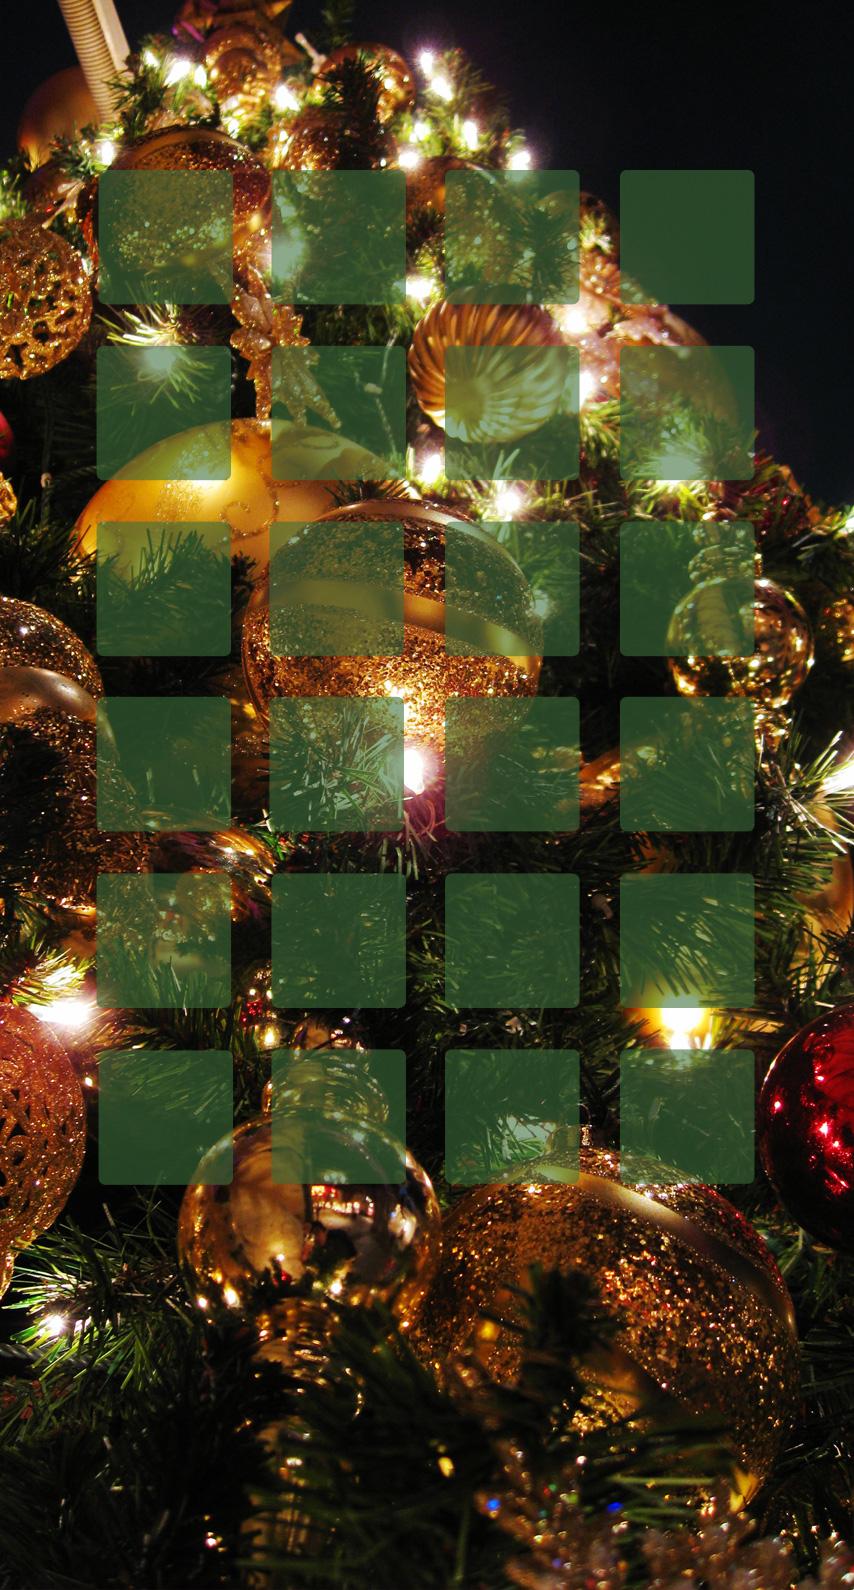 棚クリスマスツリー緑女子向け Wallpaper Sc Iphone6s壁紙